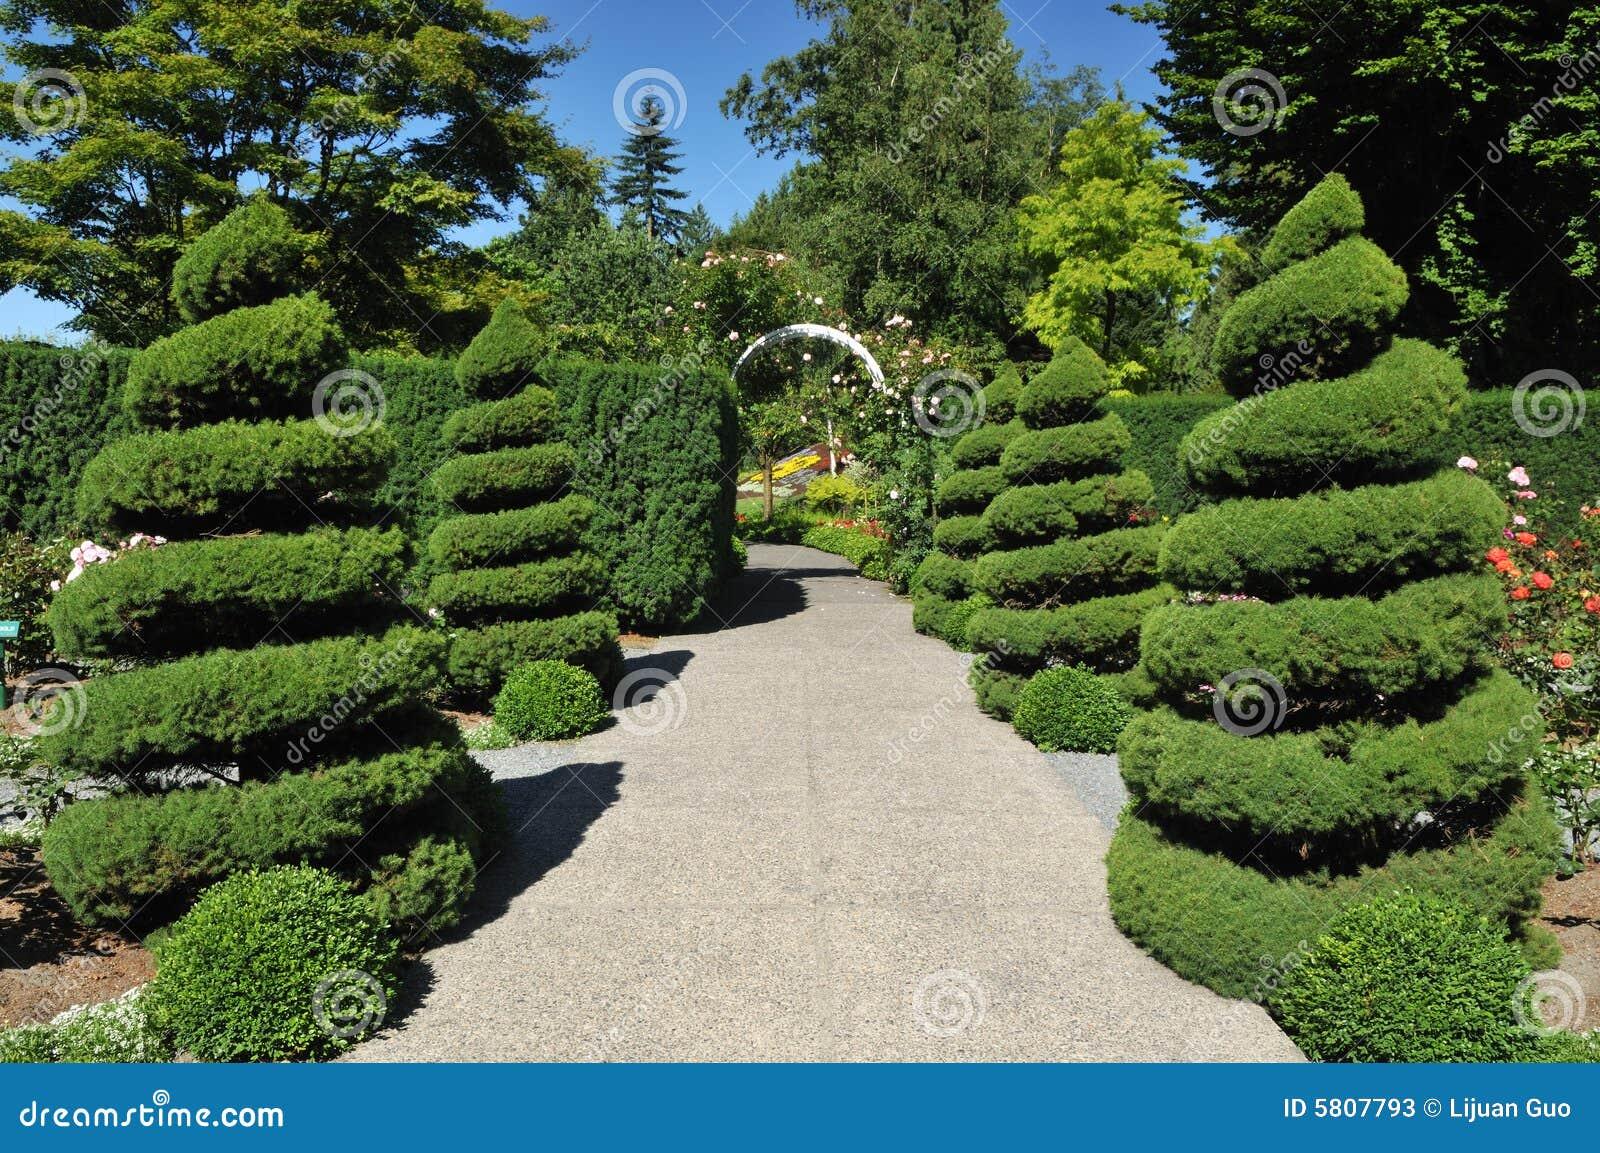 Spiral juniper trees in rose garden stock image image for Garden rose trees